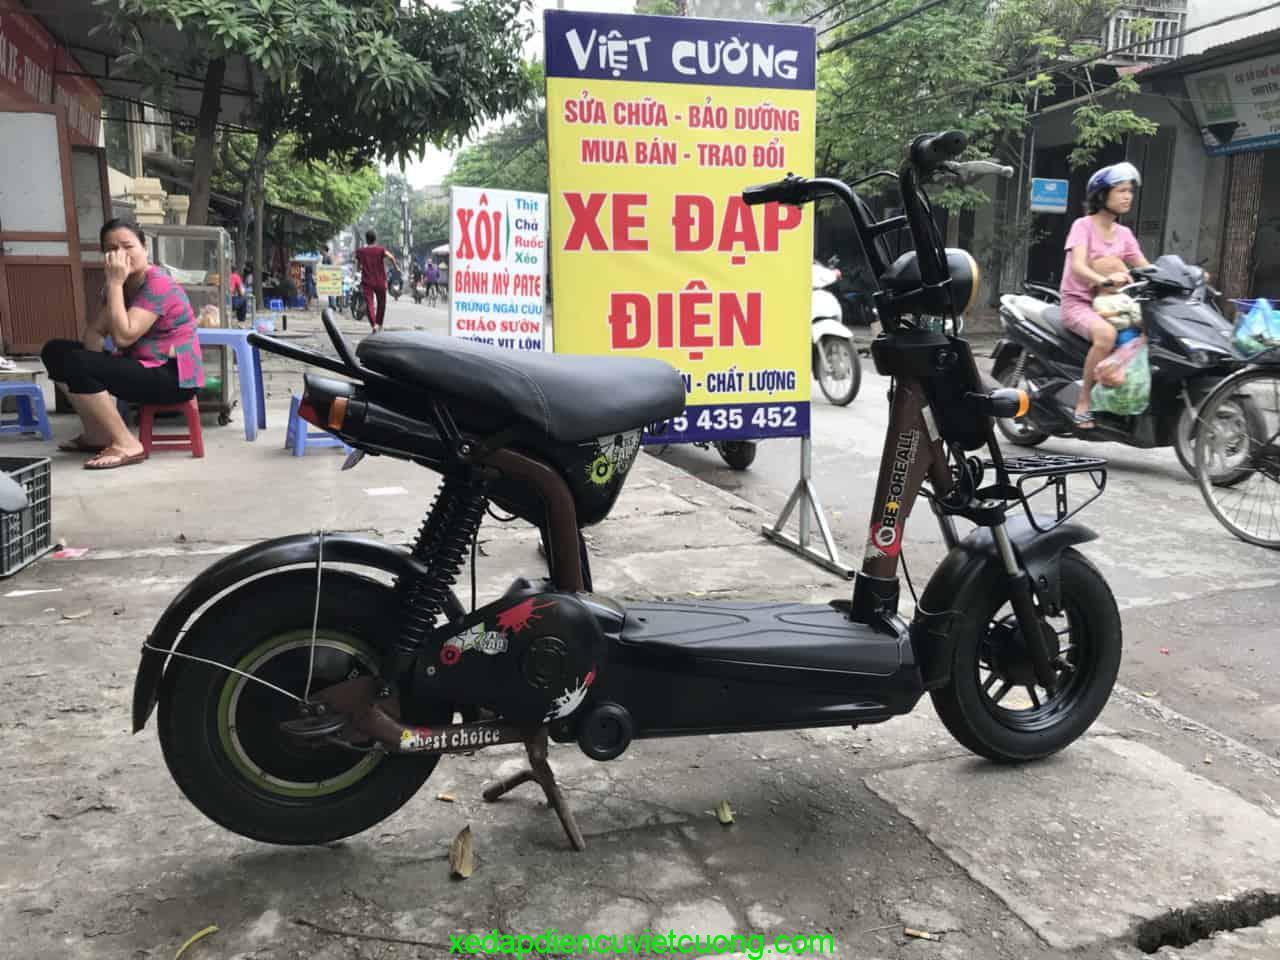 Xe Điện M133 Giá 3 Triệu